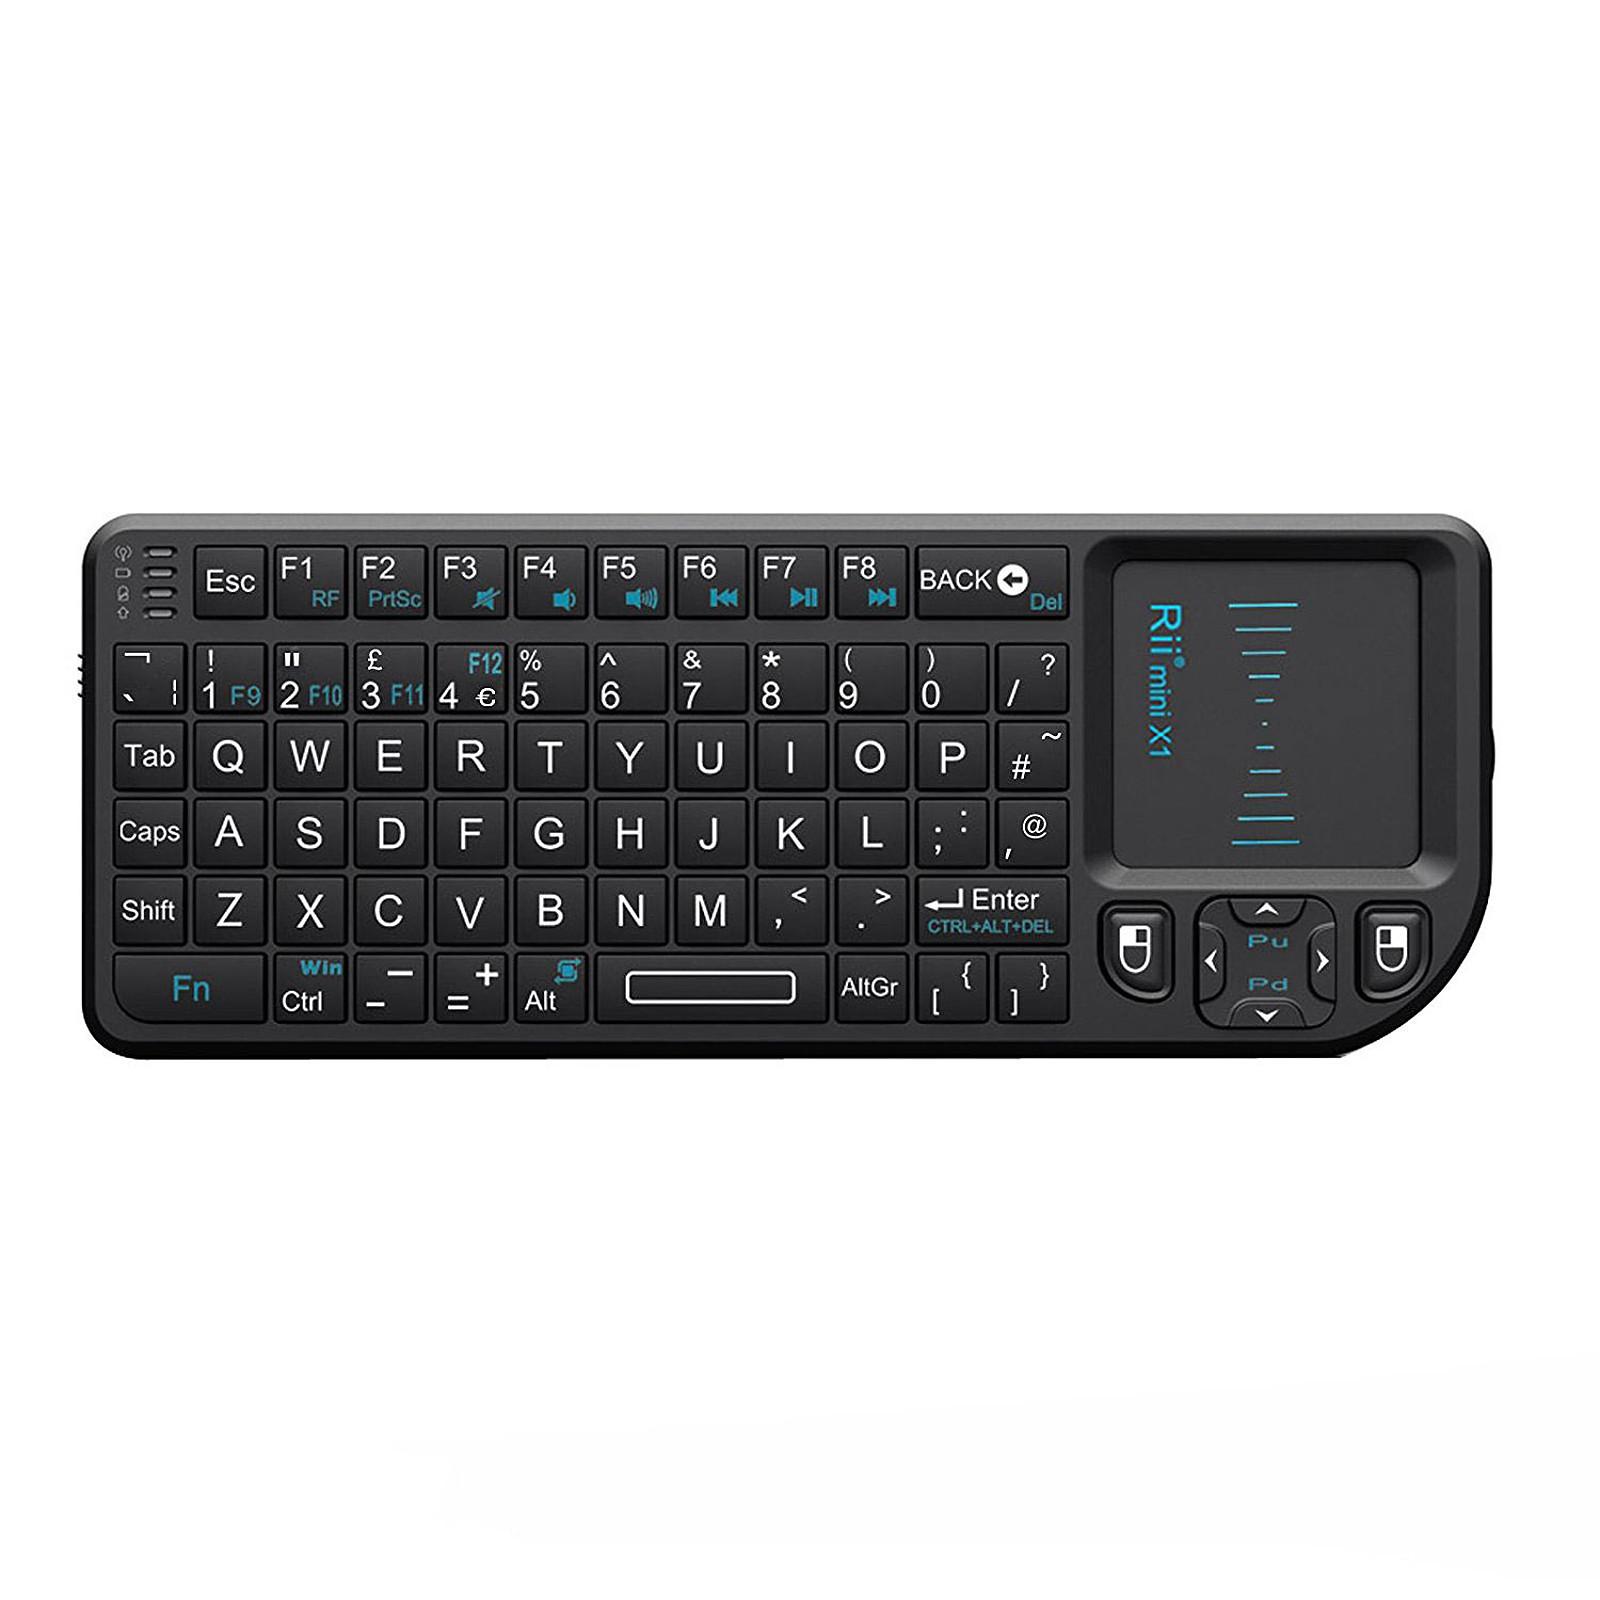 Riitek RII Mini Wireless Keyboard X1